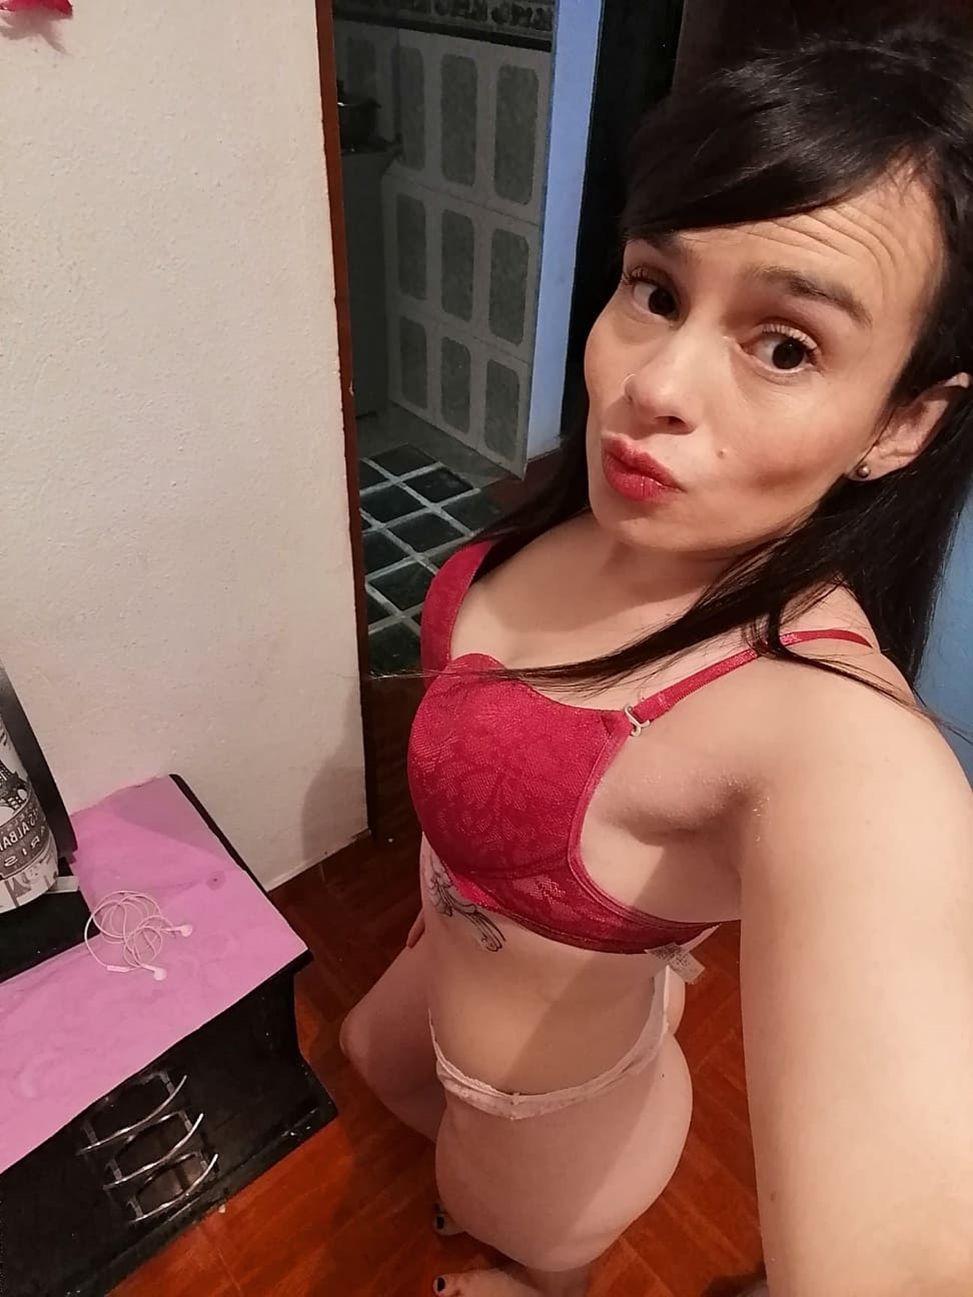 Andrea Pacheco y su imperdible pack de nudes exquisitas. Fotos+ 4